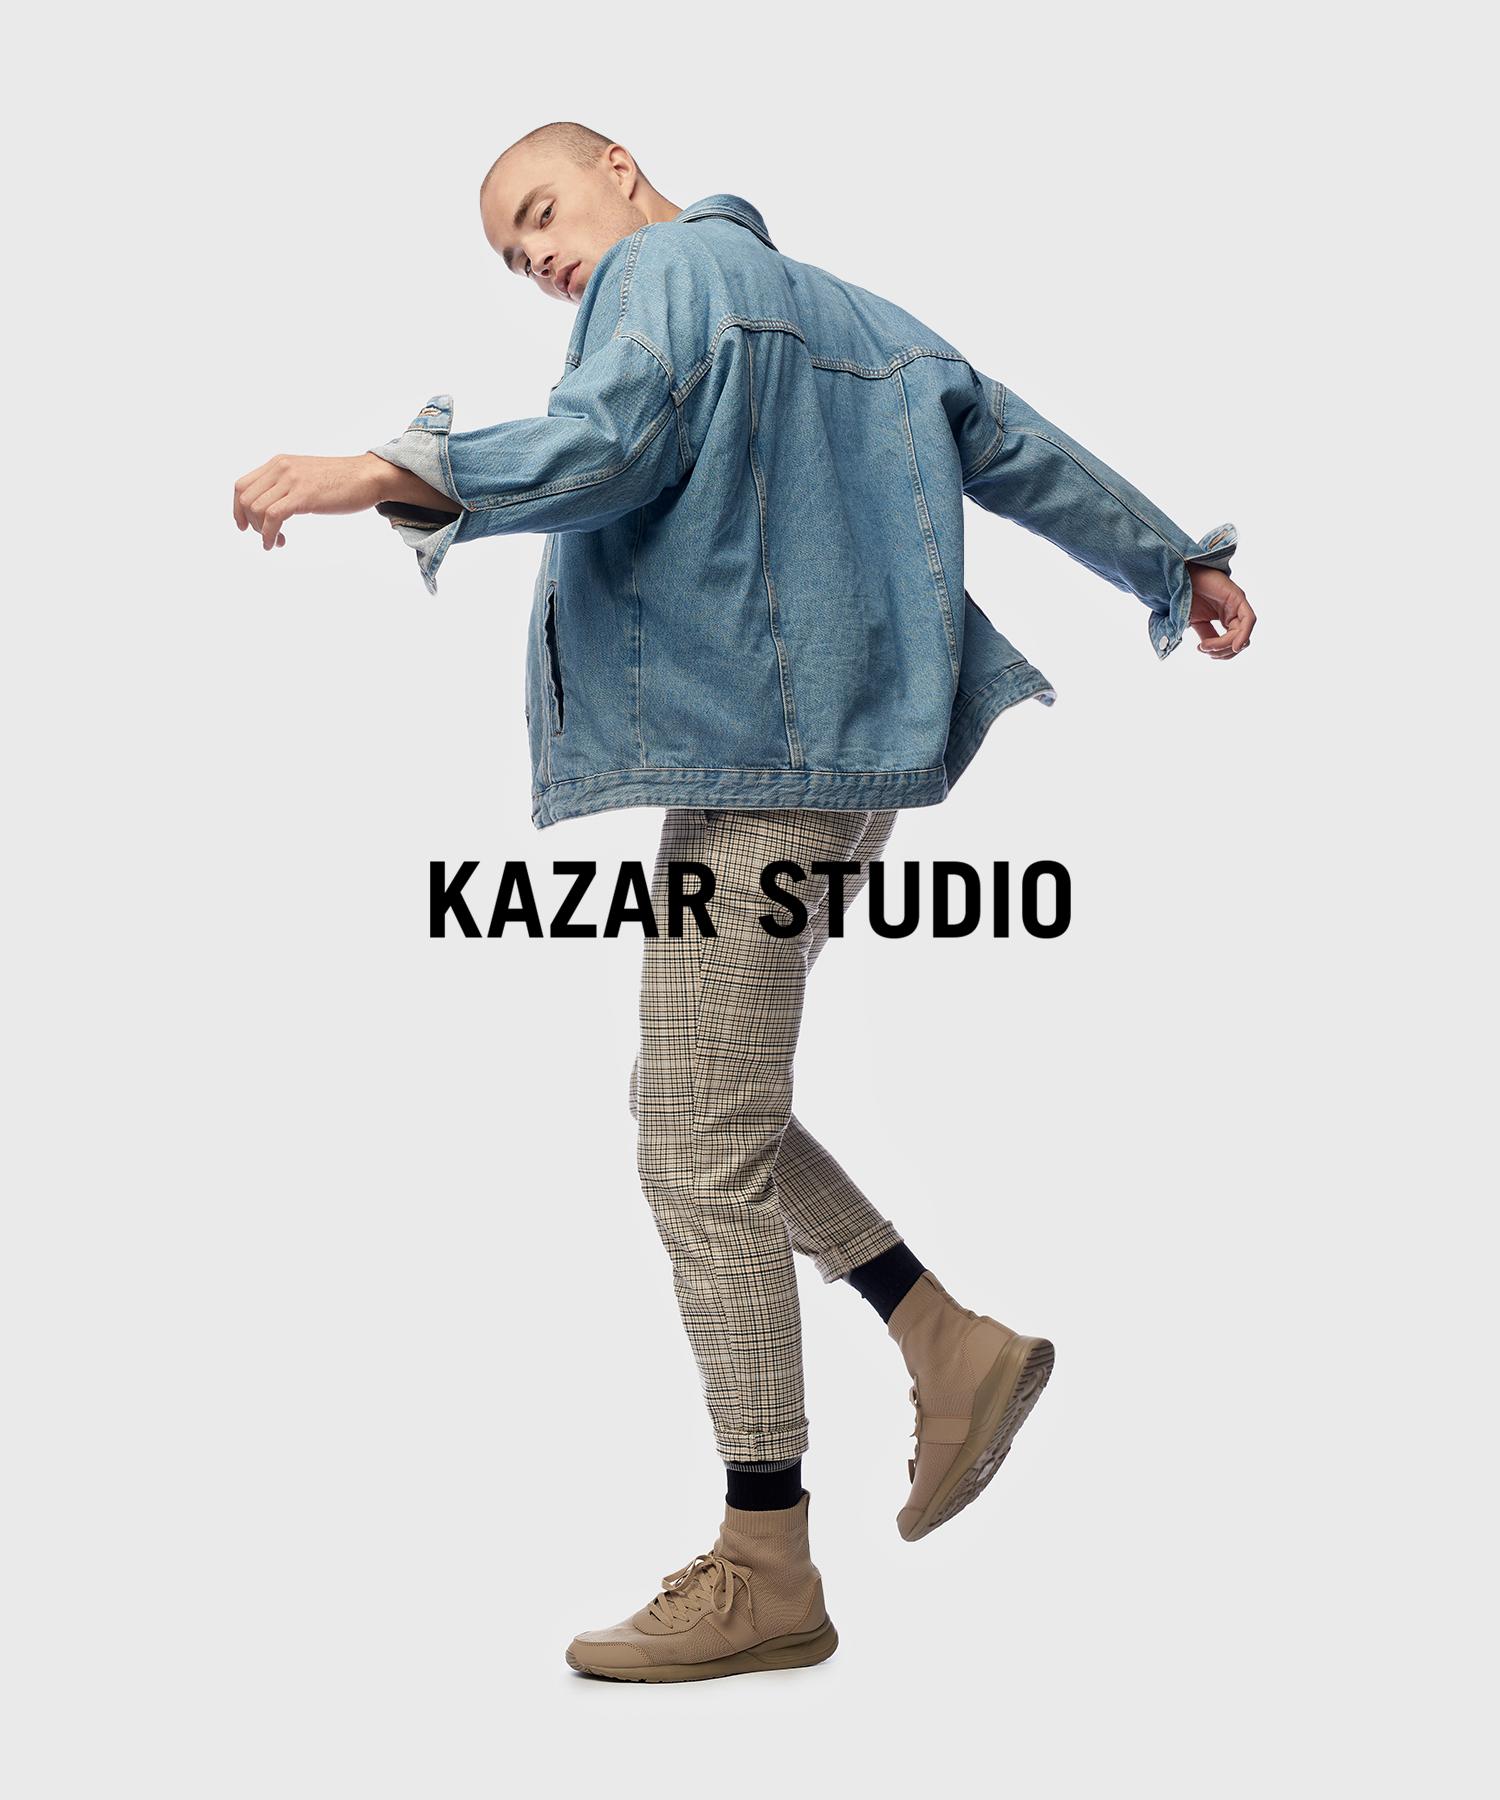 kazar studio00008.jpg